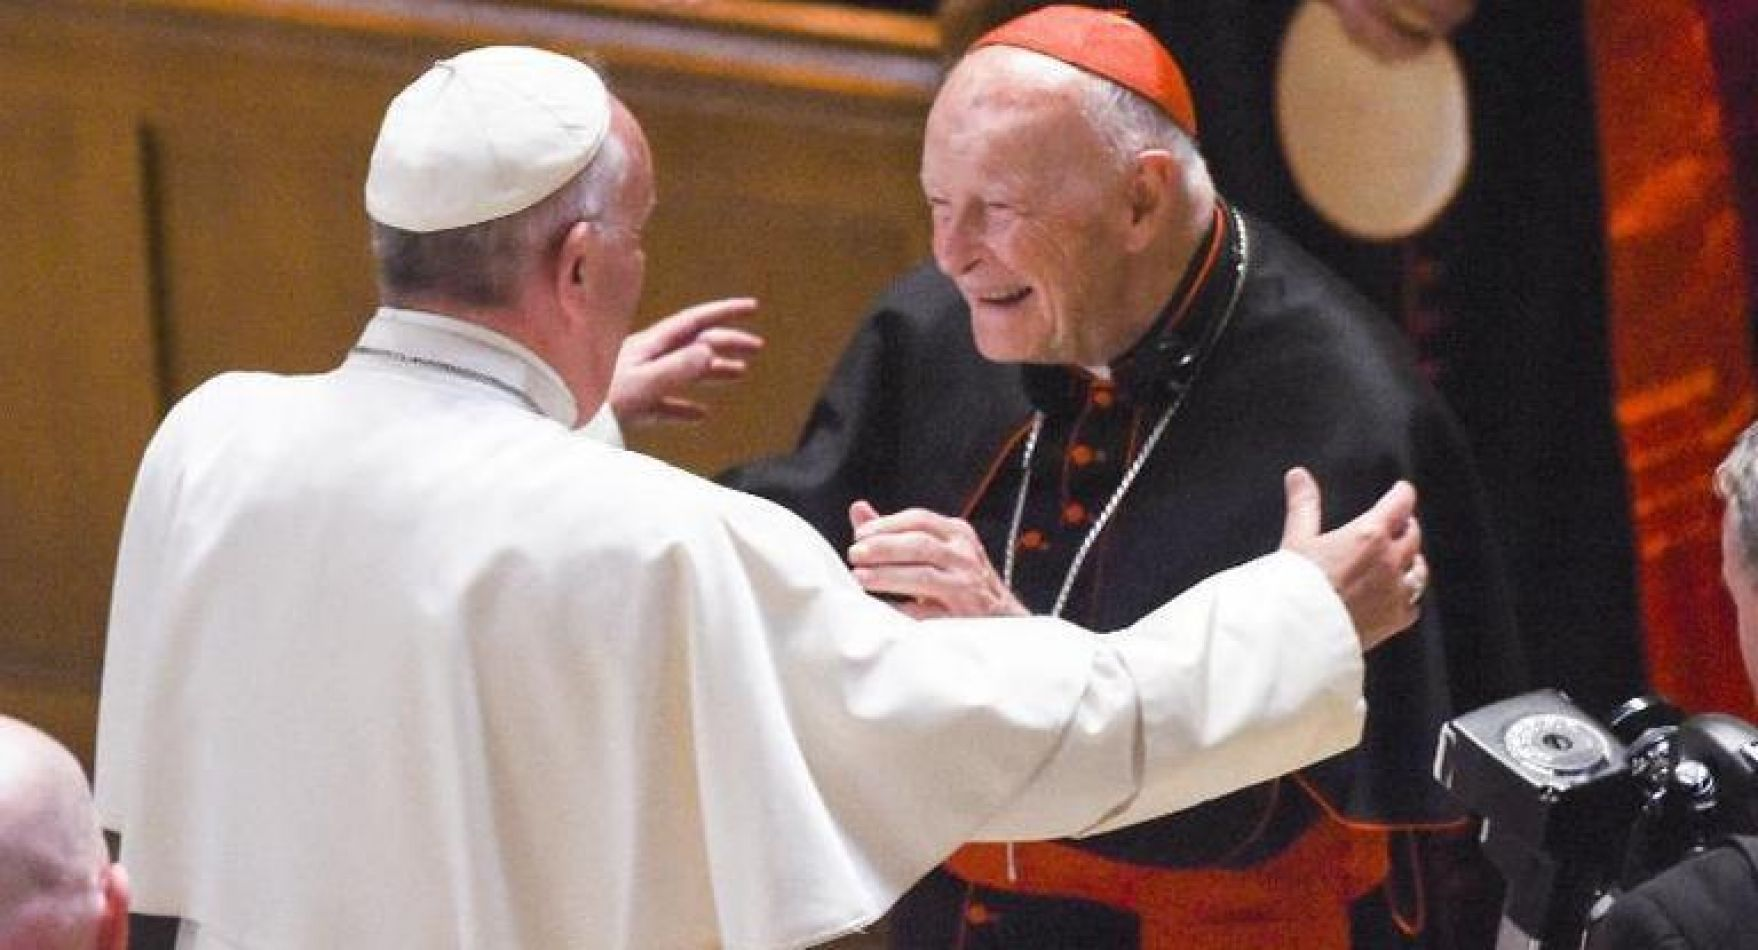 Un arzobispo acusó a Francisco de encubrir abusos y pidió su renuncia